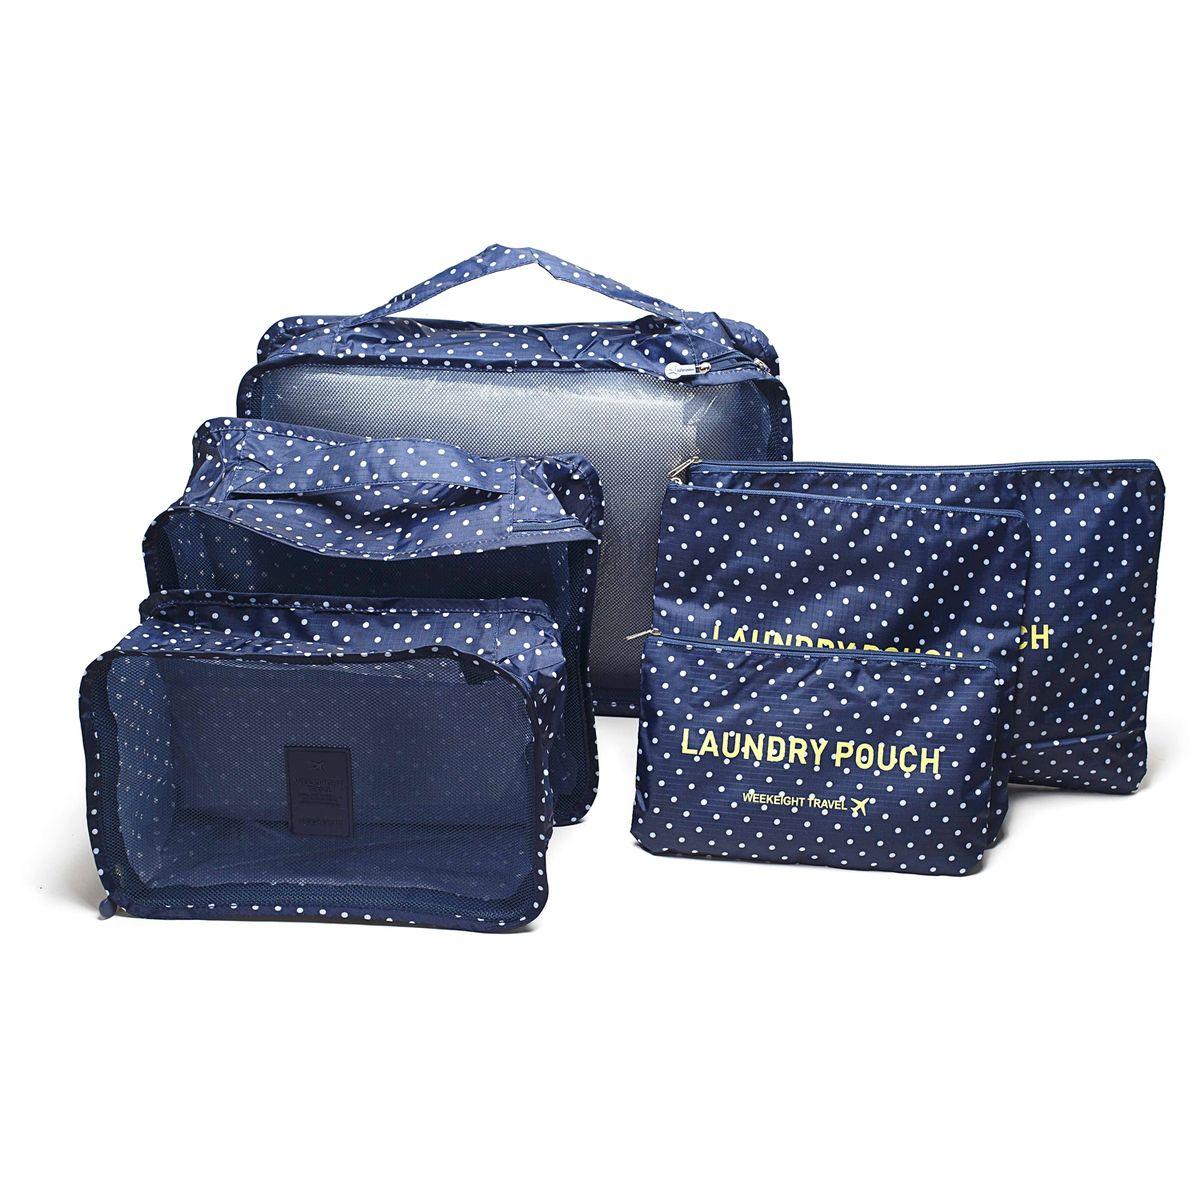 Набор органайзеров для багажа Homsu, 6 предметов набор органайзеров valiant vintage цвет бежевый 18 x 12 x 5 см 12 x 12 x 5 см vn s2p